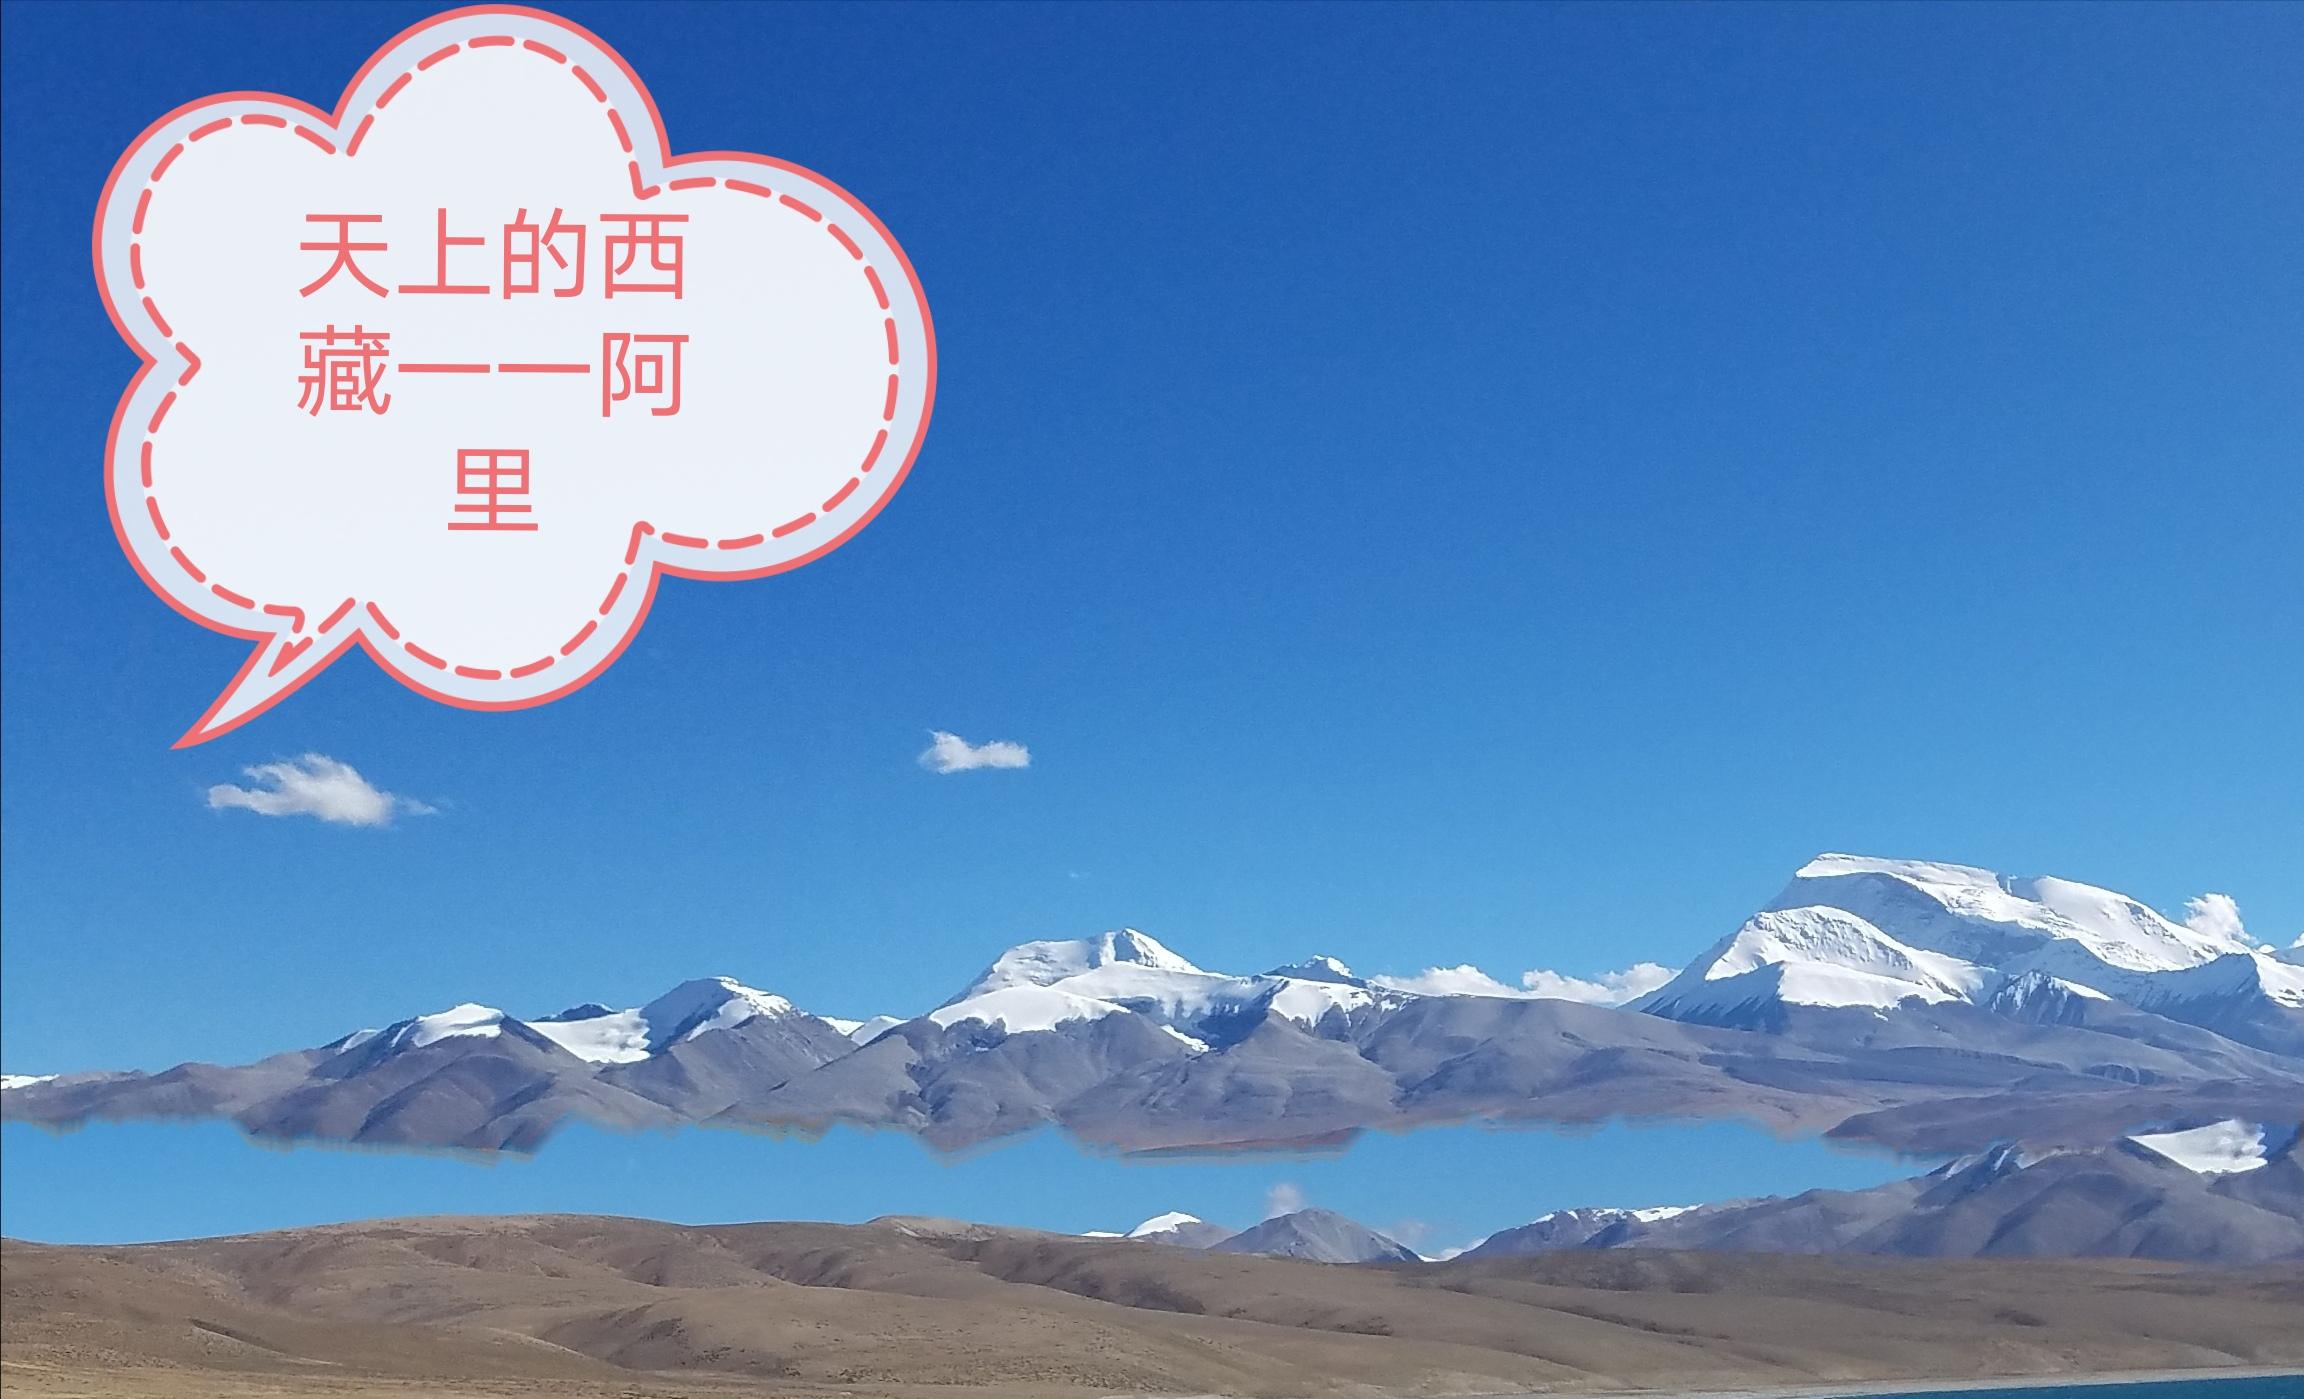 世界第三极——西藏的西藏阿里无人区